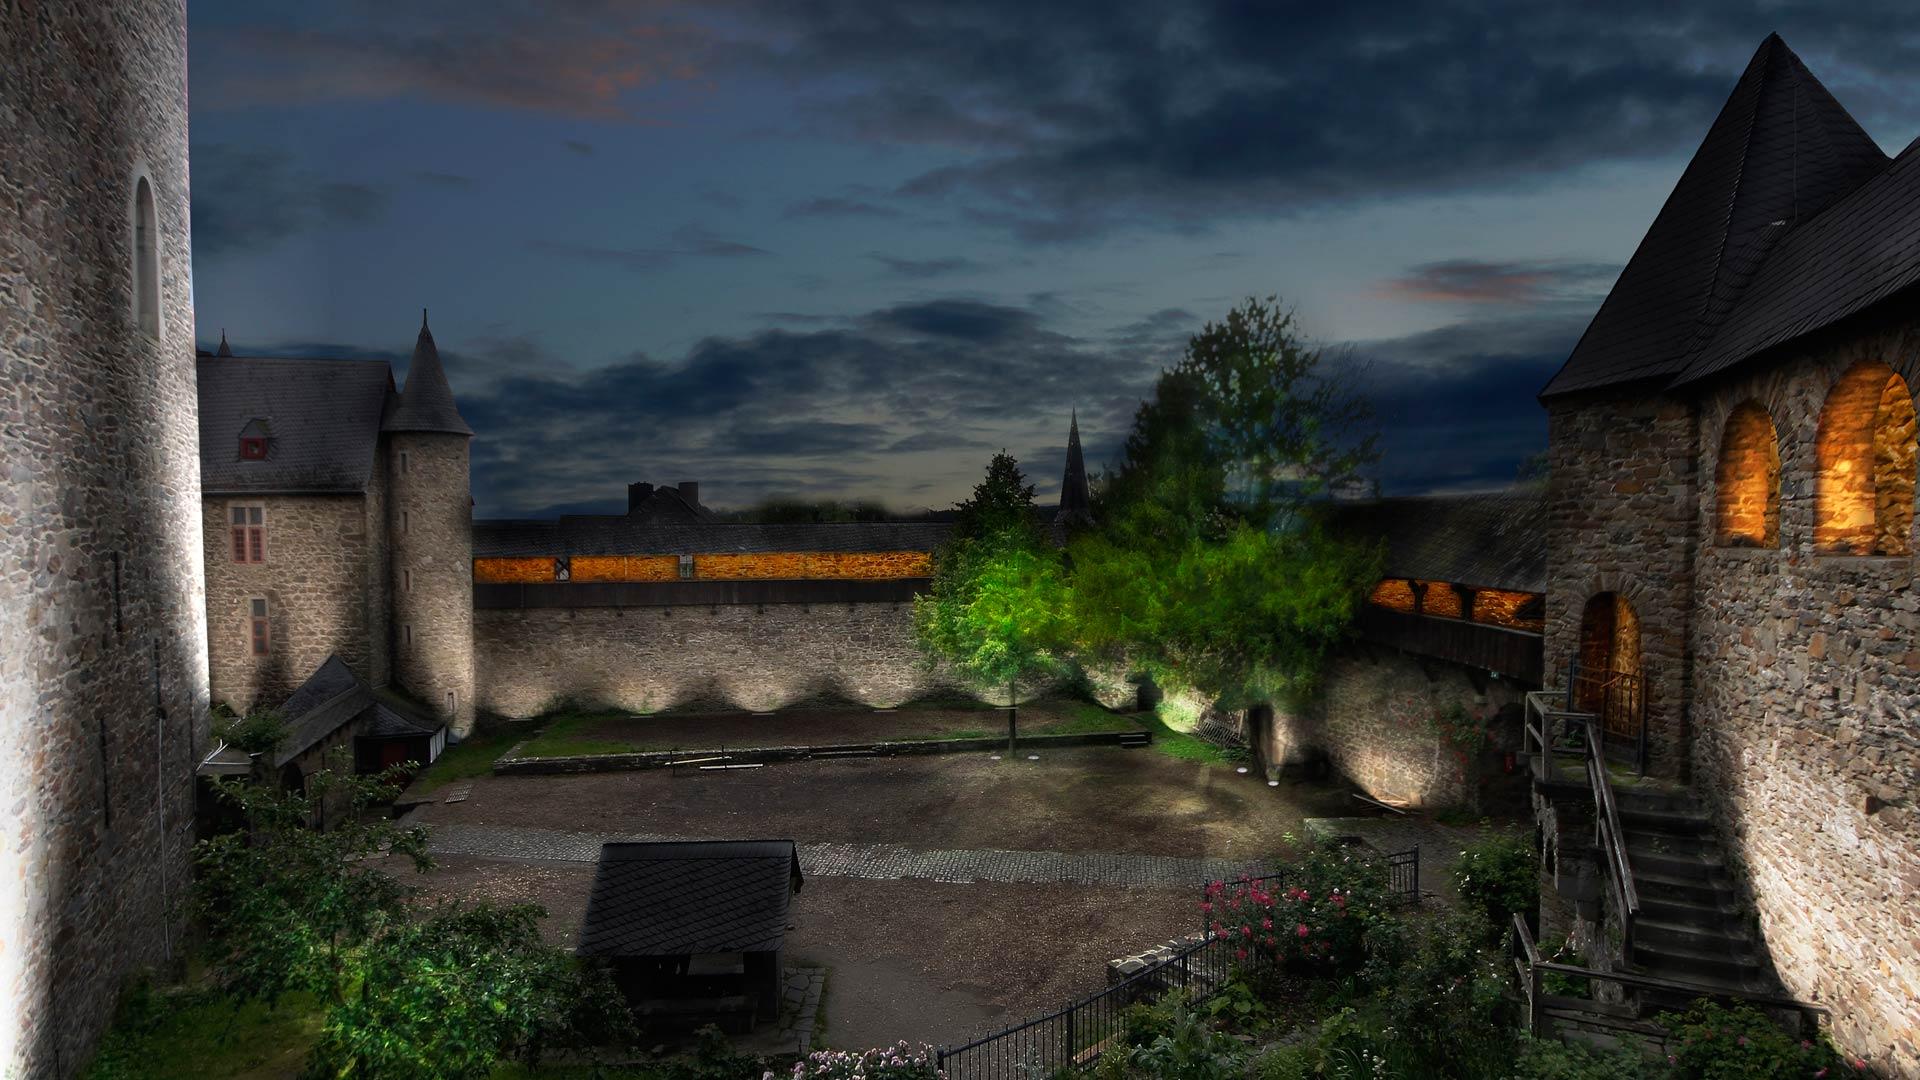 MAASS-Lichtplanung_Wettbewerbsbeitrag Lichtinszenierung Schloss Burg__MAASS-Licht-SchlossBurg-04